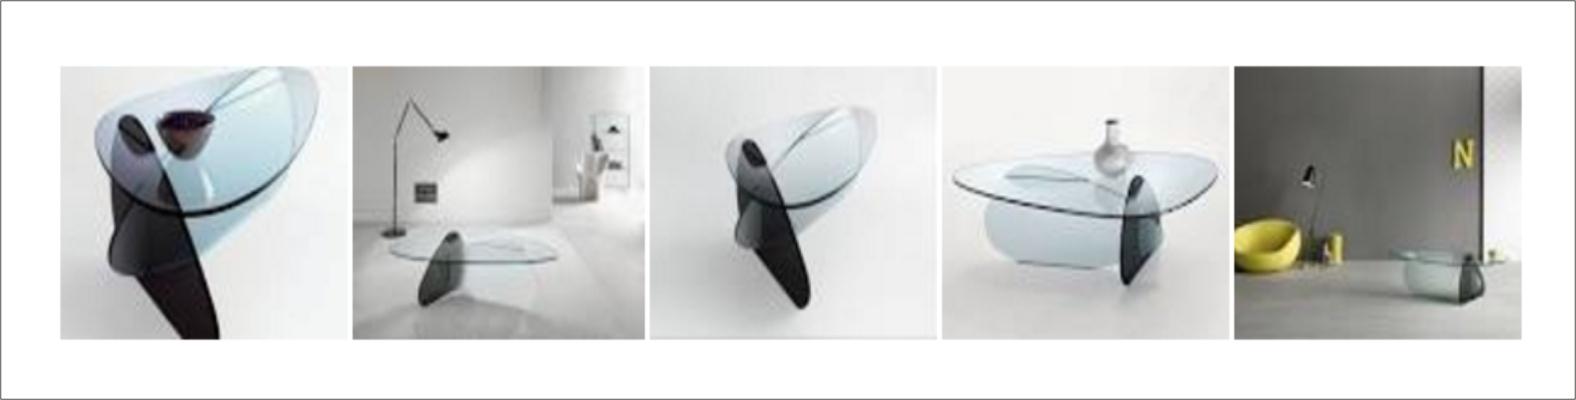 Tavolini design tavoli e parquet protezioni trasparenti - Tappeti trasparenti per parquet ...